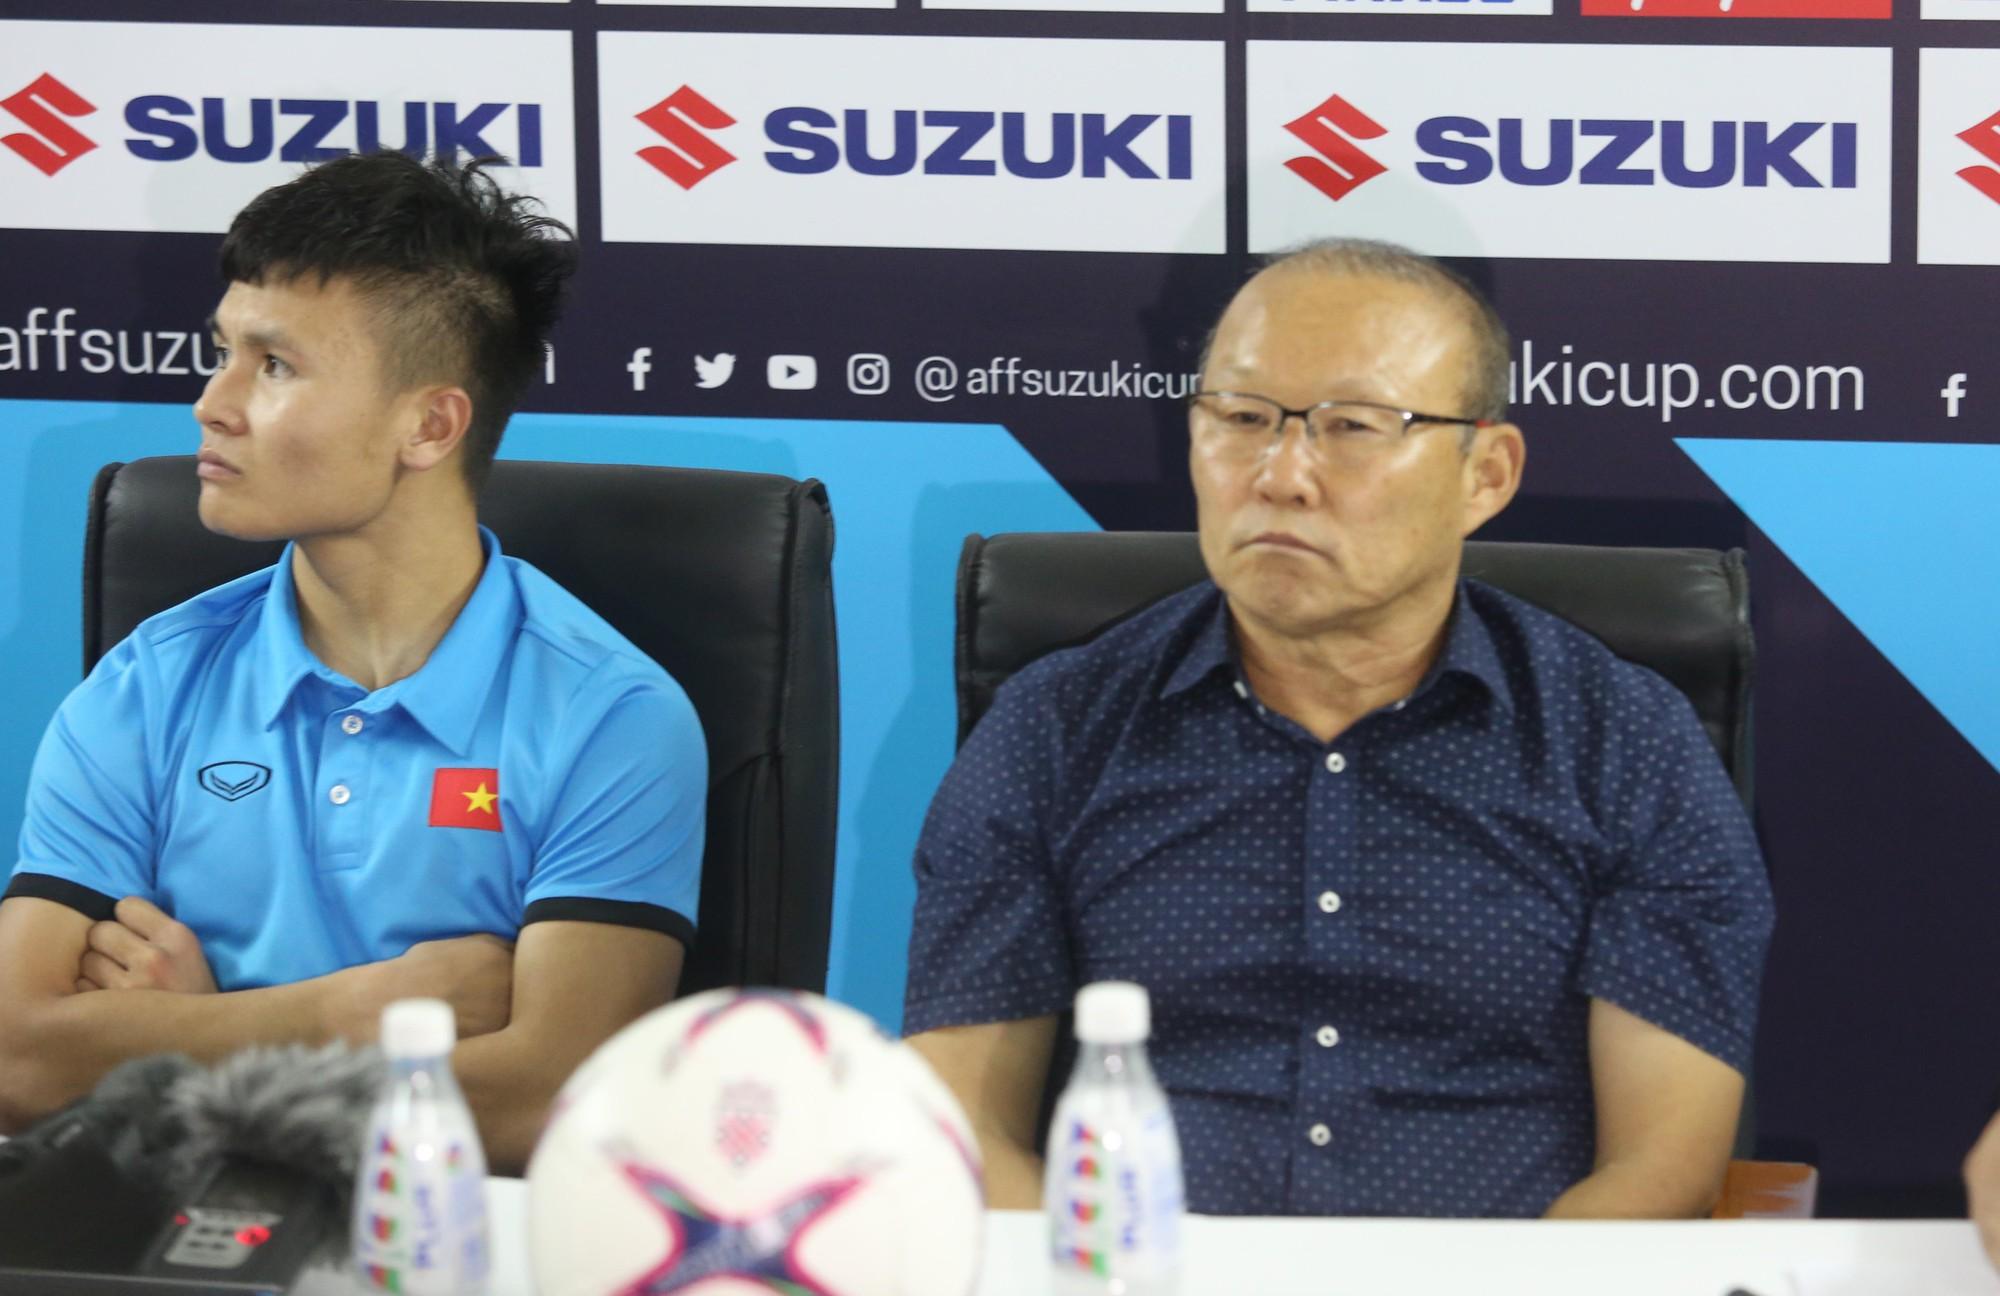 HLV Park Hang Seo tiết lộ gặp chấn thương khiến Văn Toàn suy sụp trước trận gặp Campuchia - Ảnh 2.